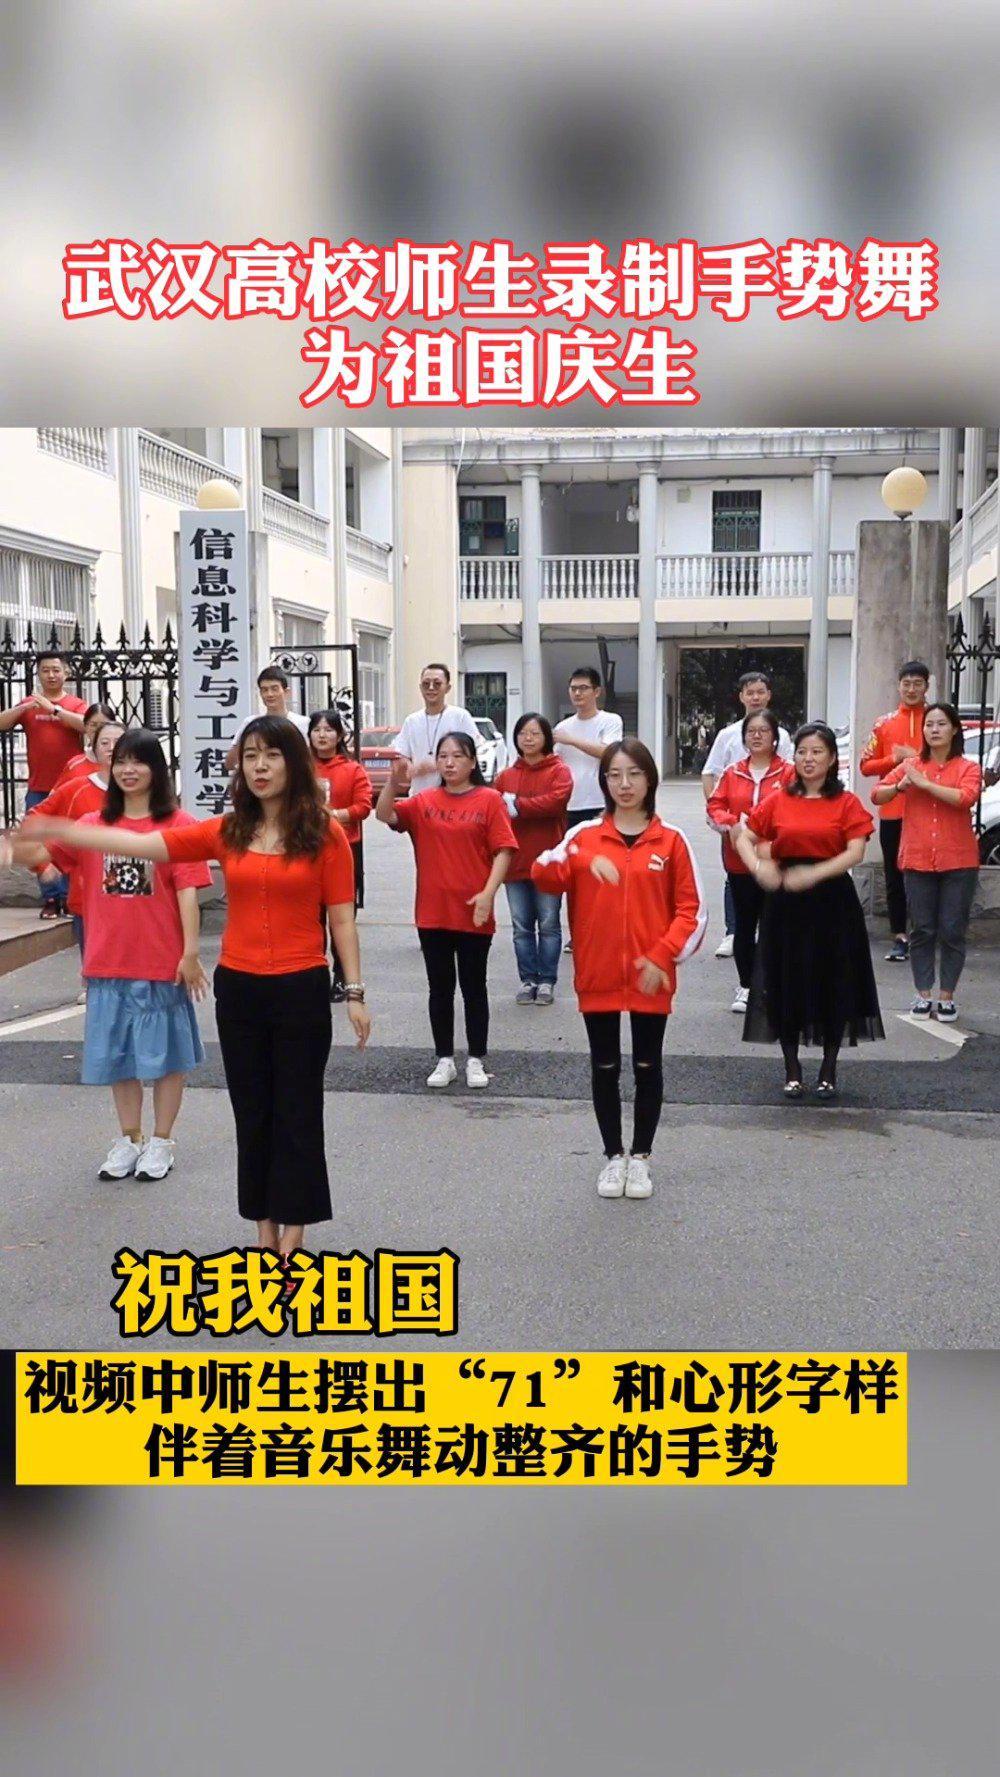 大声告白!武汉高校师生录手势舞为祖国庆生